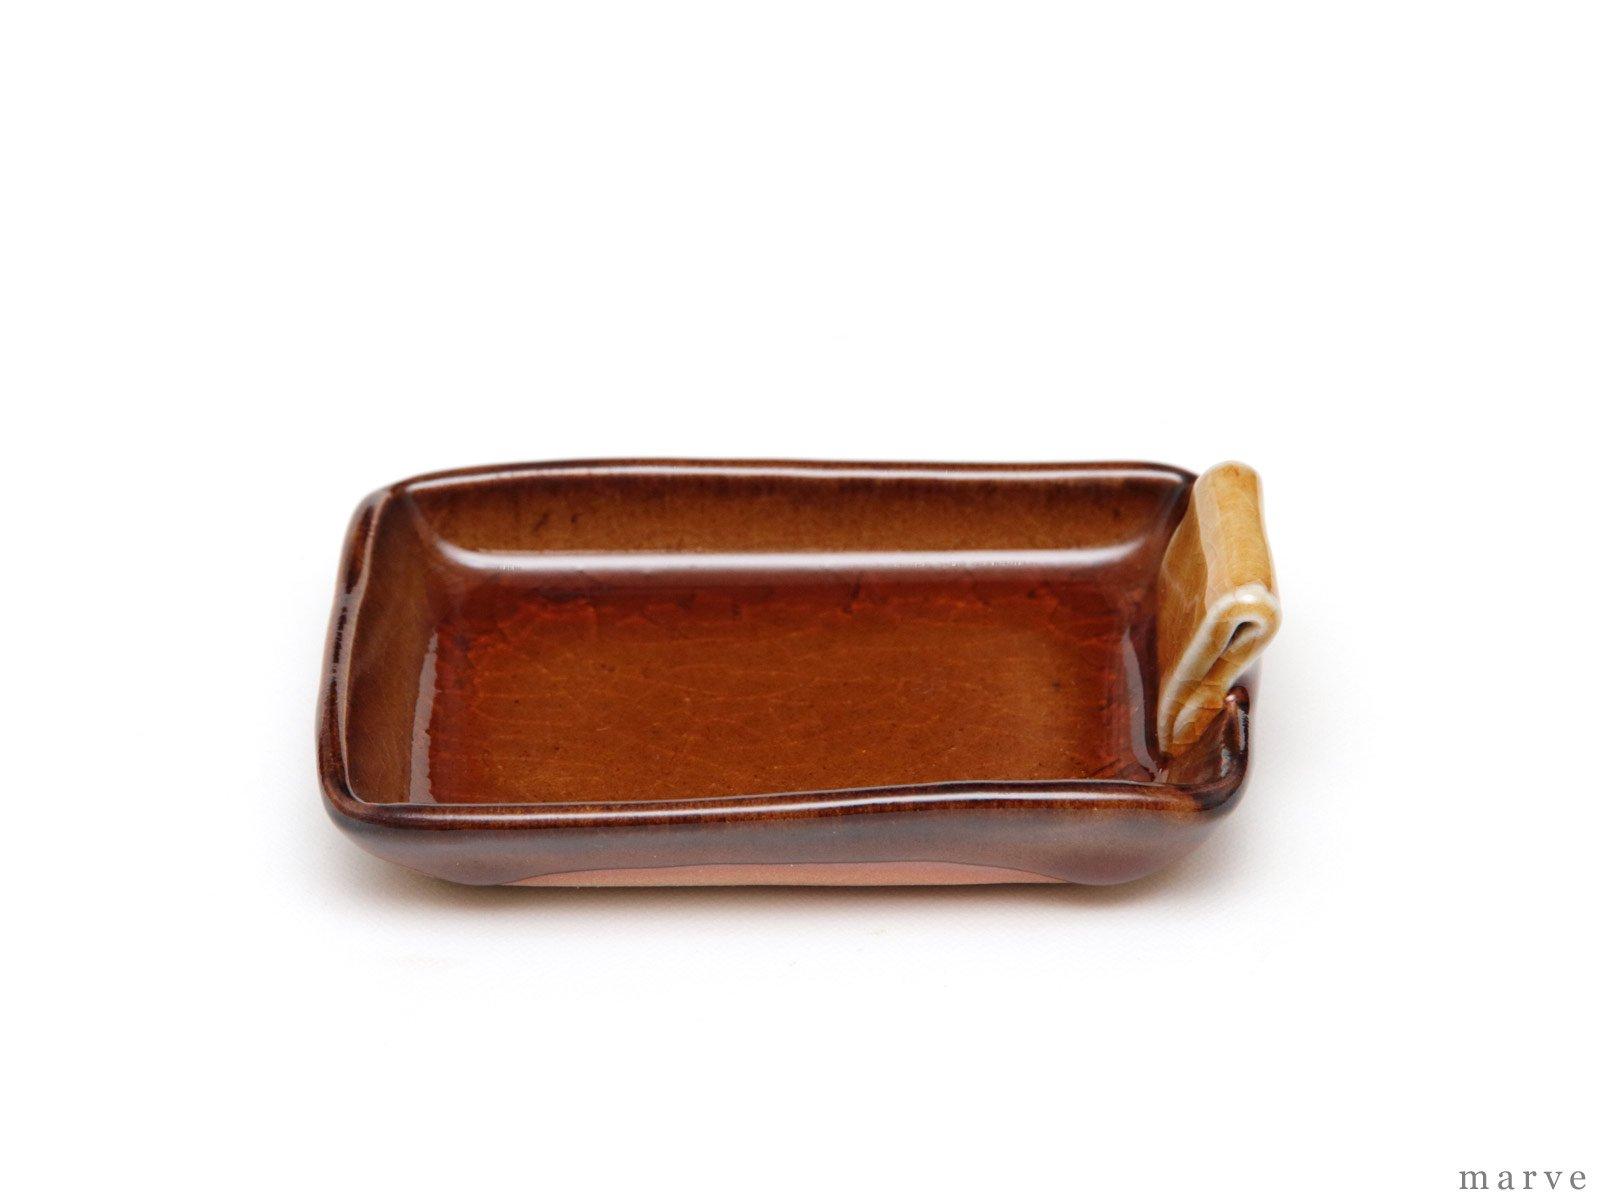 caramel(カラメル)耳付き角豆皿 柴田サヤカ